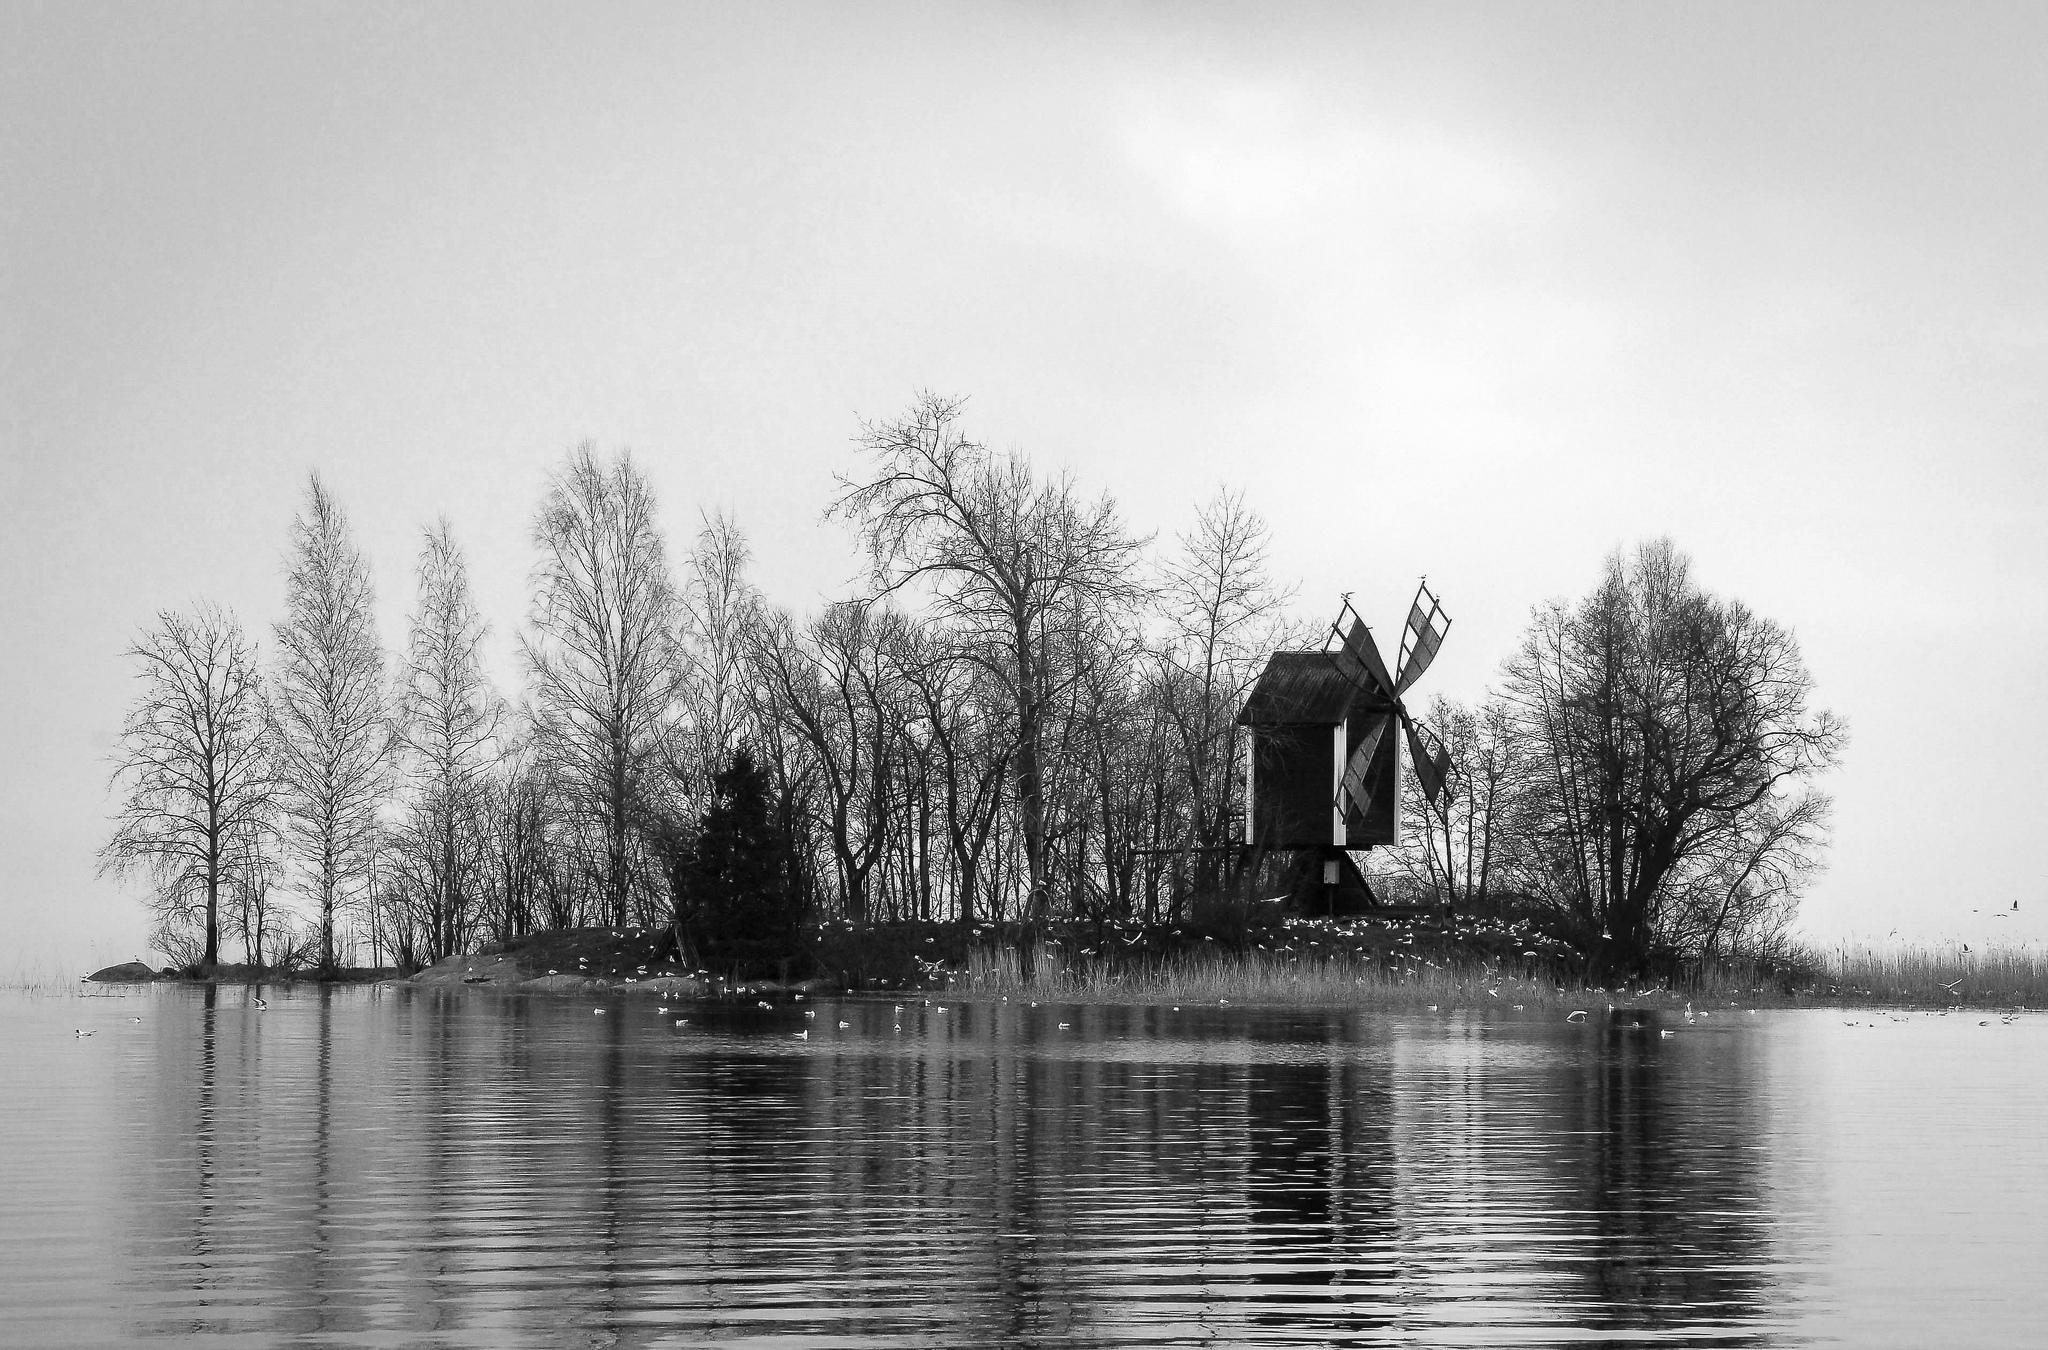 barsokevitsch_ja_oma_Kuopio; satama; Vasikkasaari 28.4.2015 -2_mv